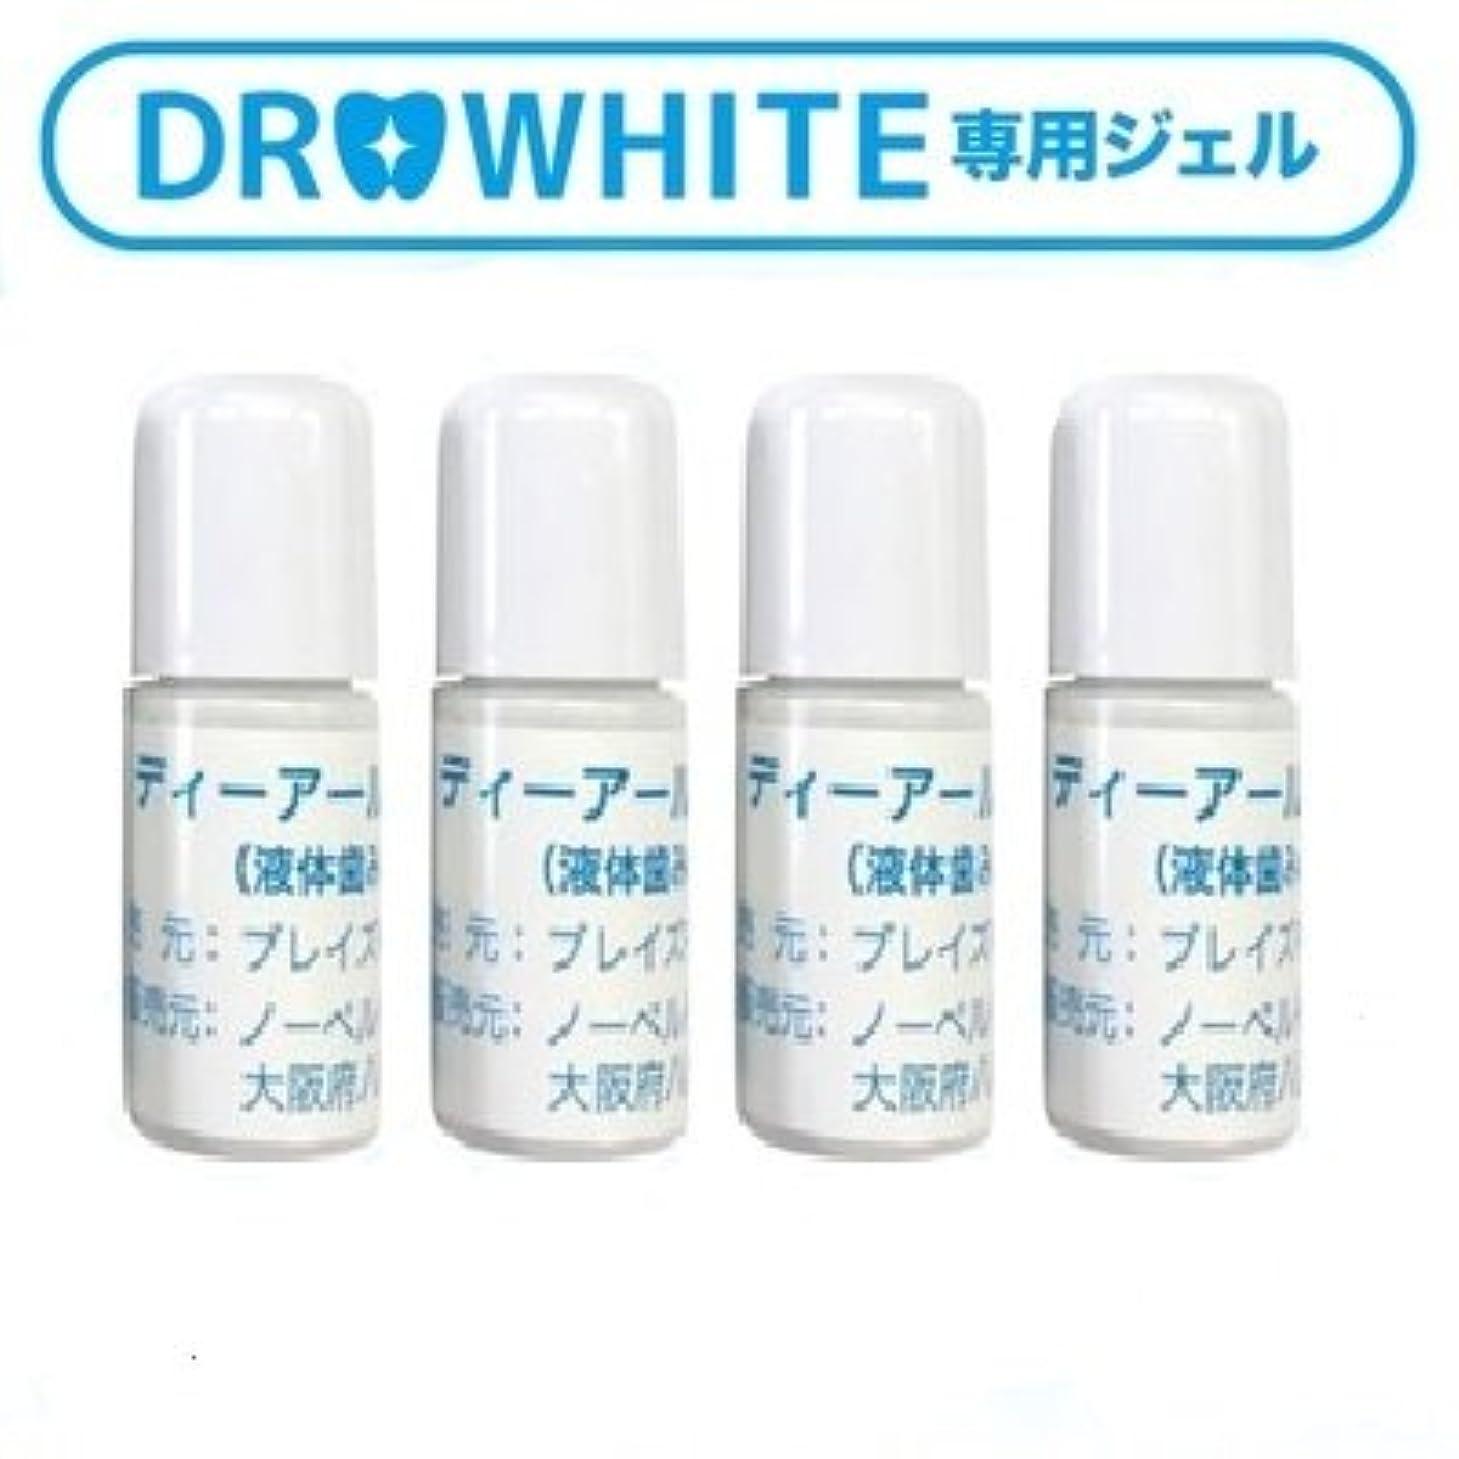 覚醒石油最適DR.WHITE(ドクターホワイト)用 液体歯みがき4本